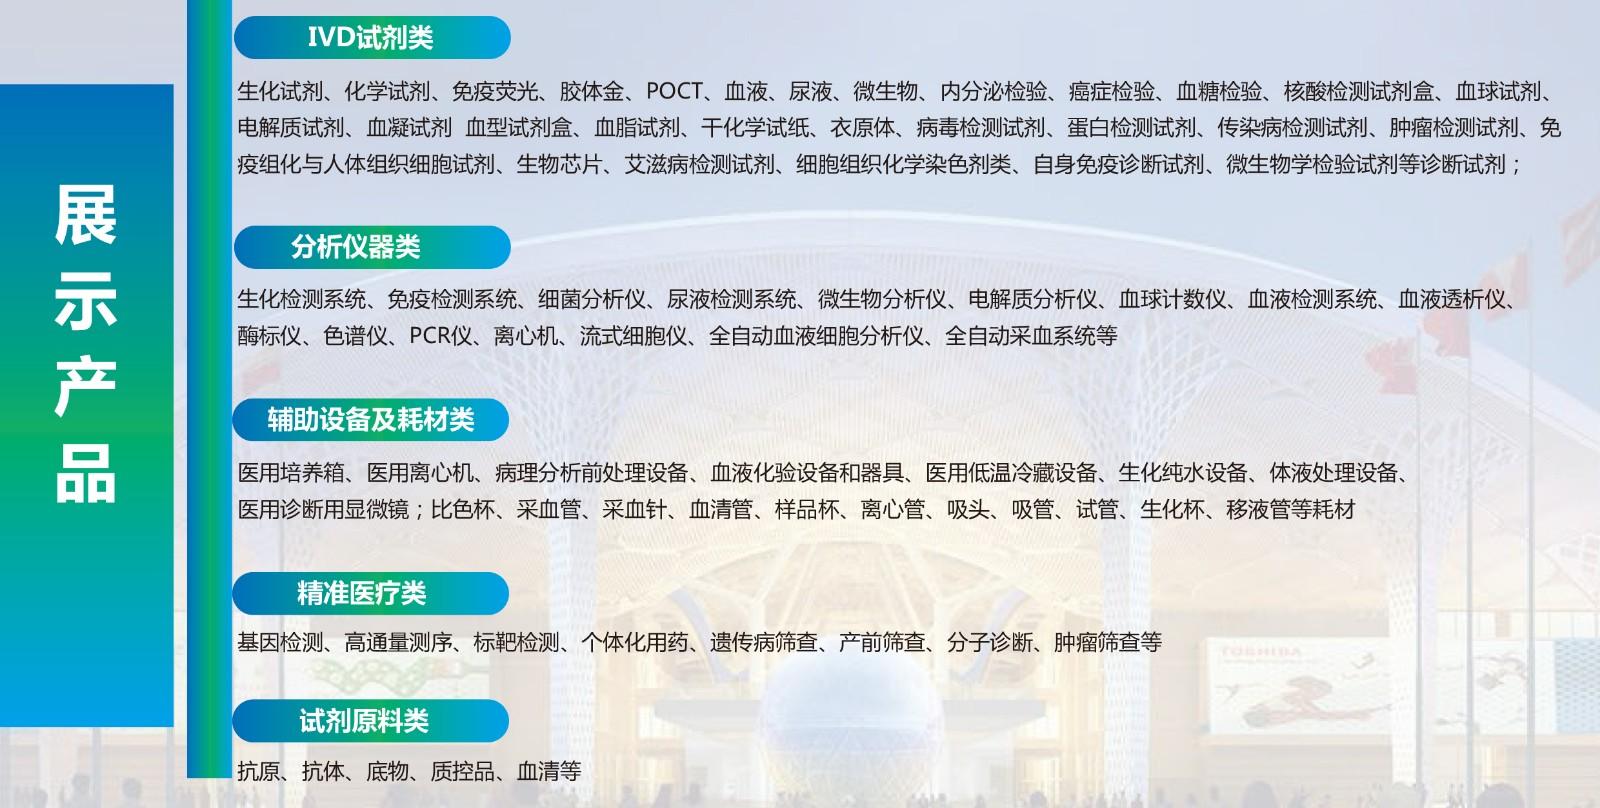 2021上海国际检验医学及IVD体外诊断试剂展览会-2.jpg